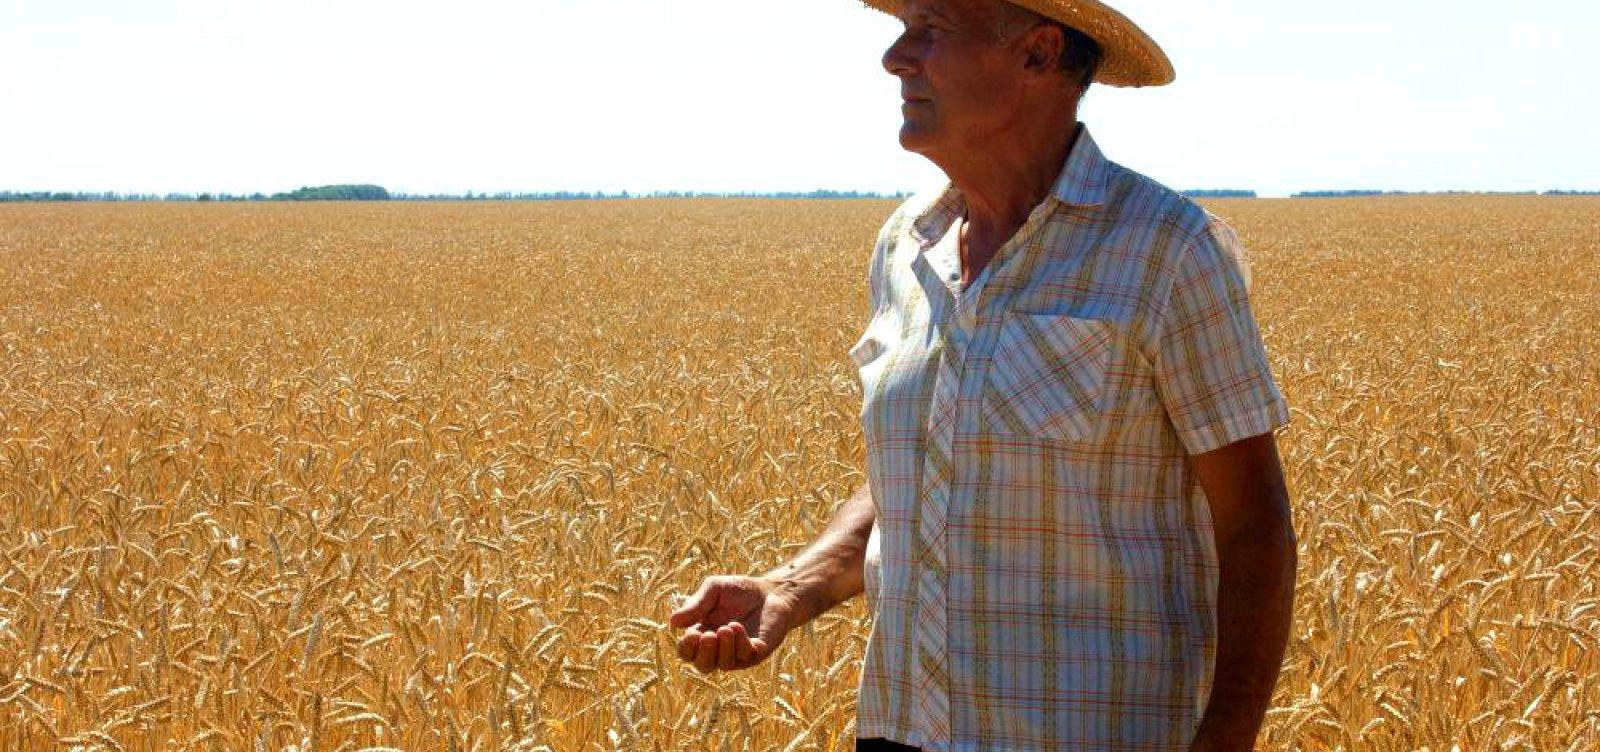 Ipea: número de aposentadorias rurais é maior que população declarada